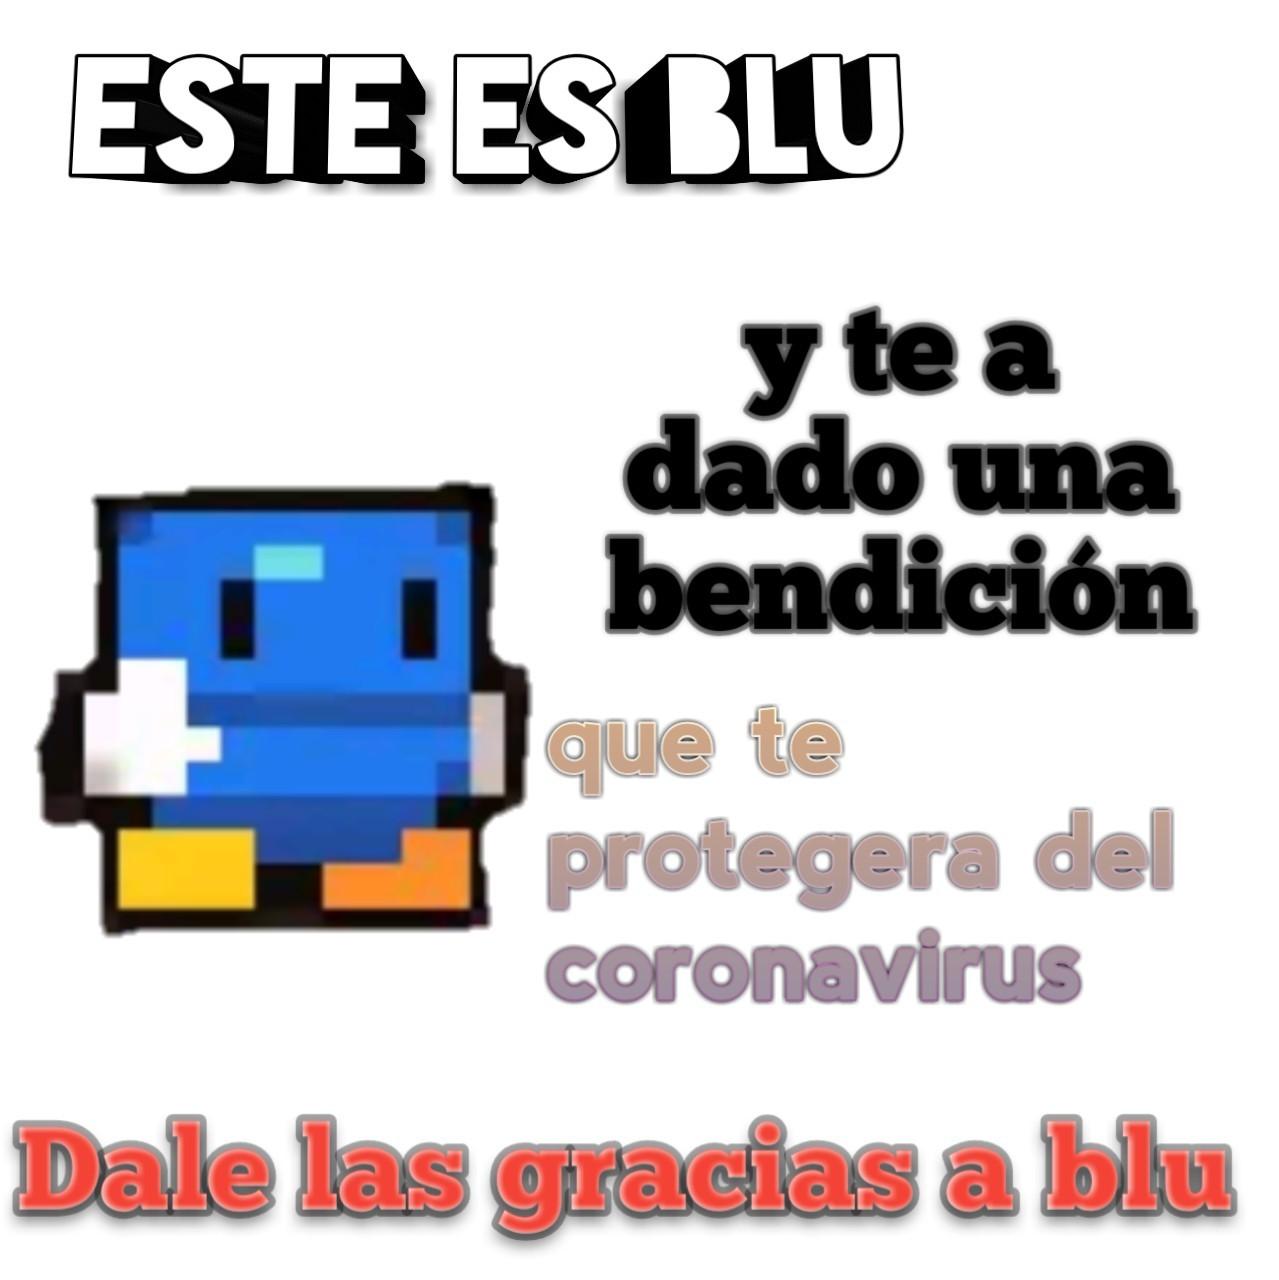 Blu - meme